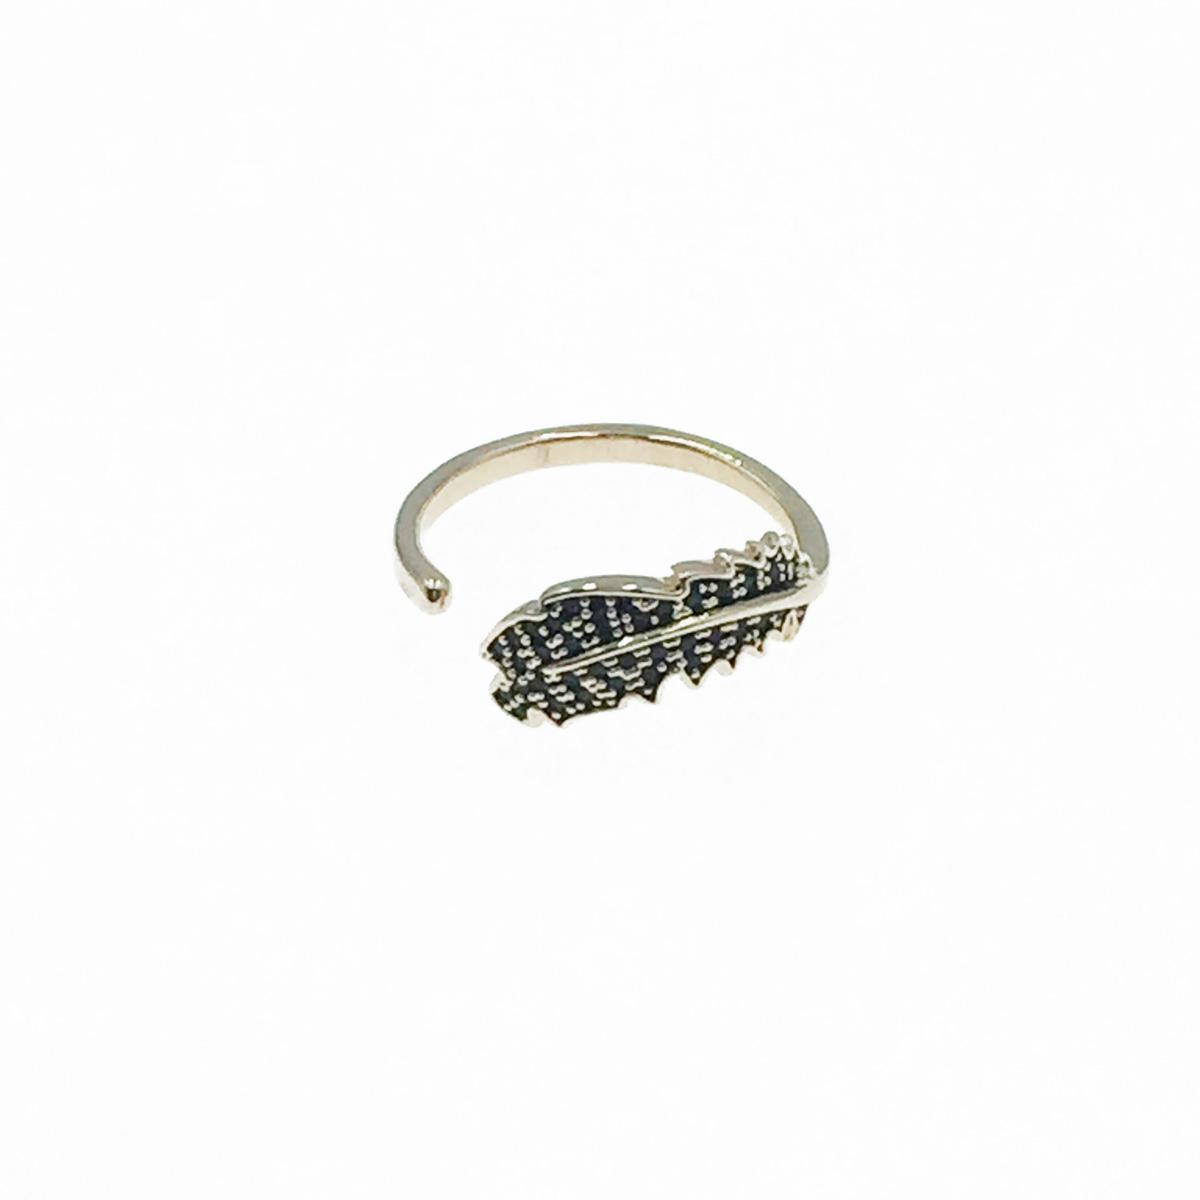 韓國 925純銀 羽毛 玫瑰金 可調式戒指